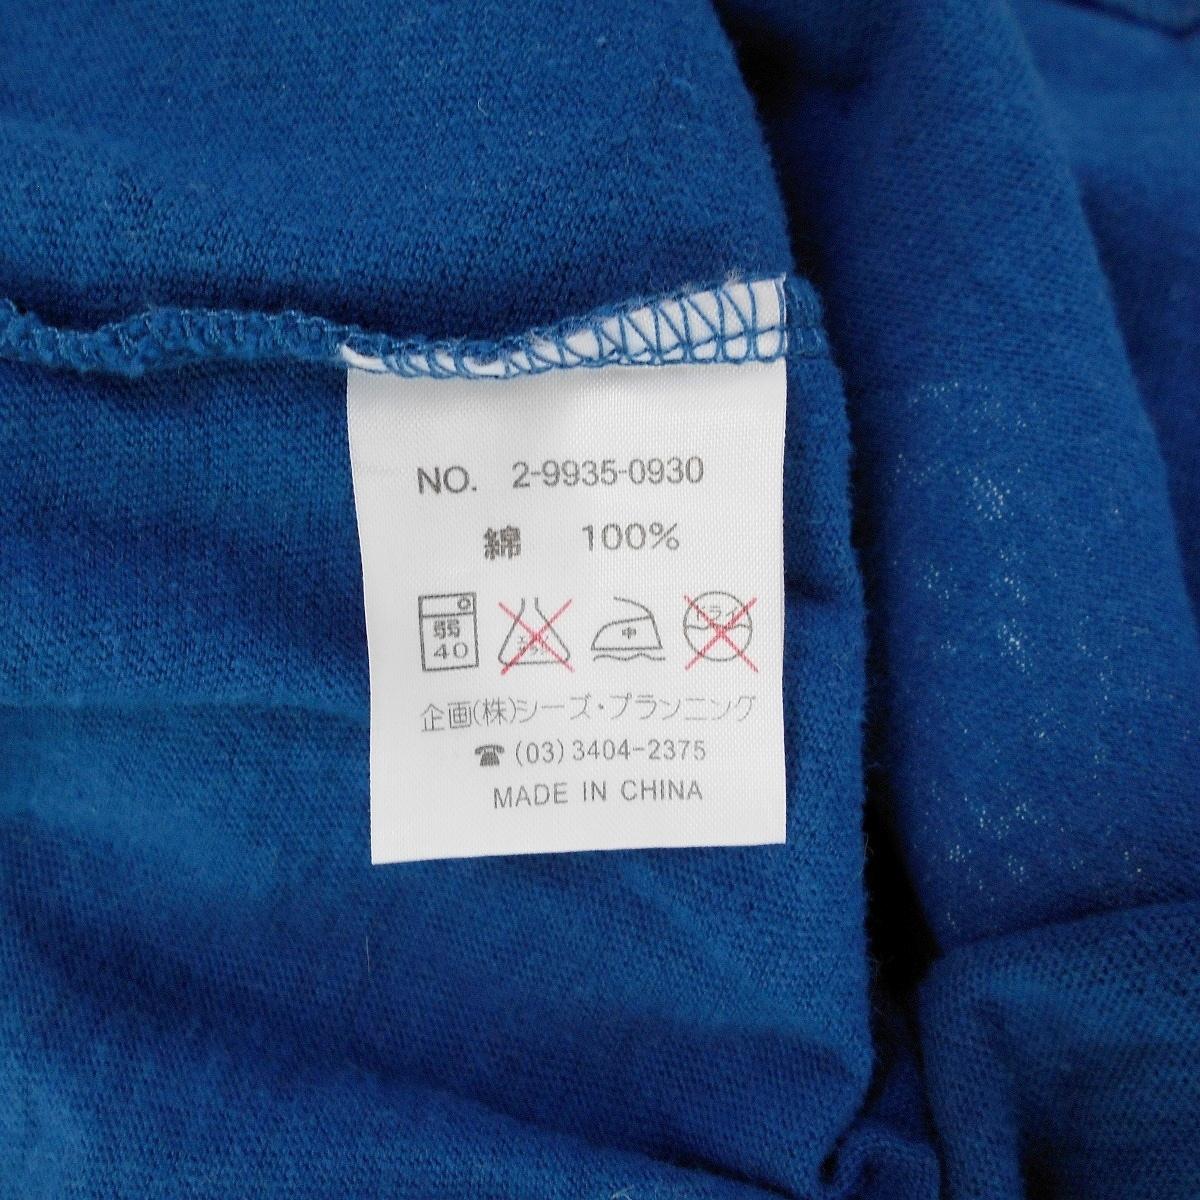 ドラッグストアーズ DRUG STORES キッズ 100cm 半袖 Tシャツ ブルー ドット プリント ワッペン トップス_画像9